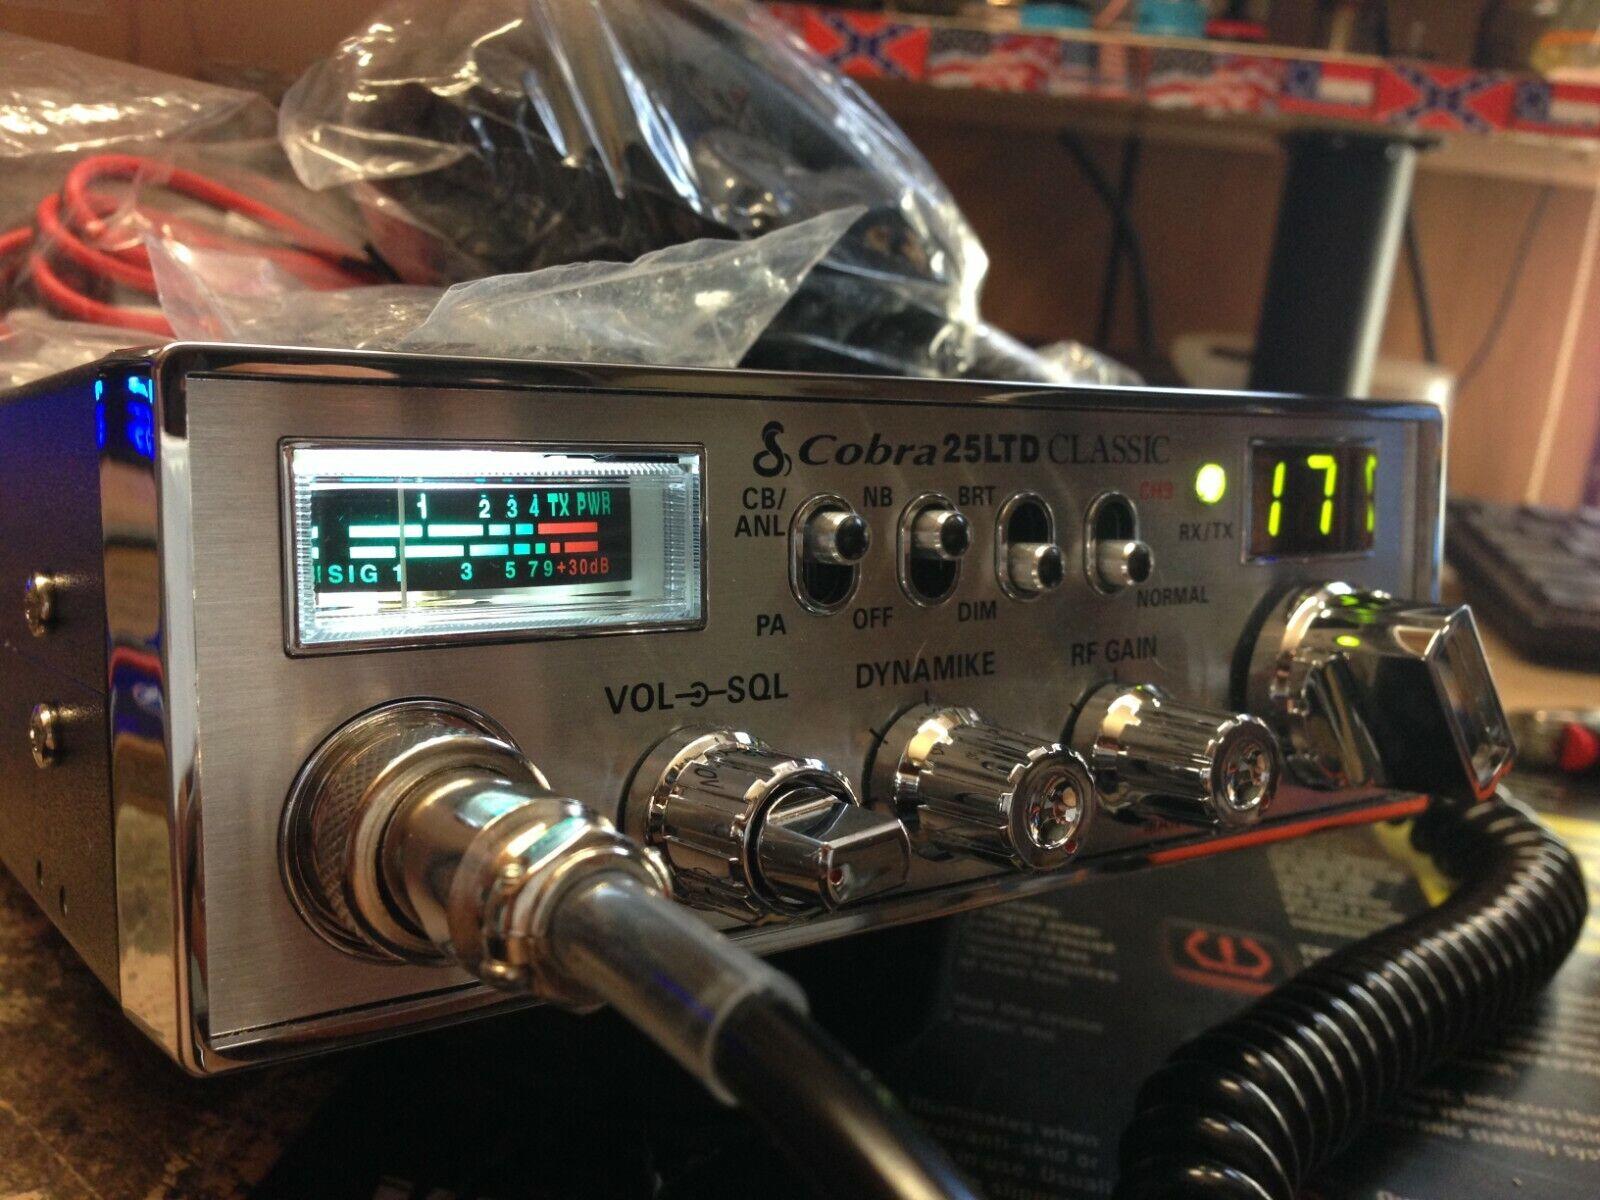 SWING KIT COBRA 29 LTD CB RADIO PEAKED TUNED TALKBACK BIG FINAL ECHO